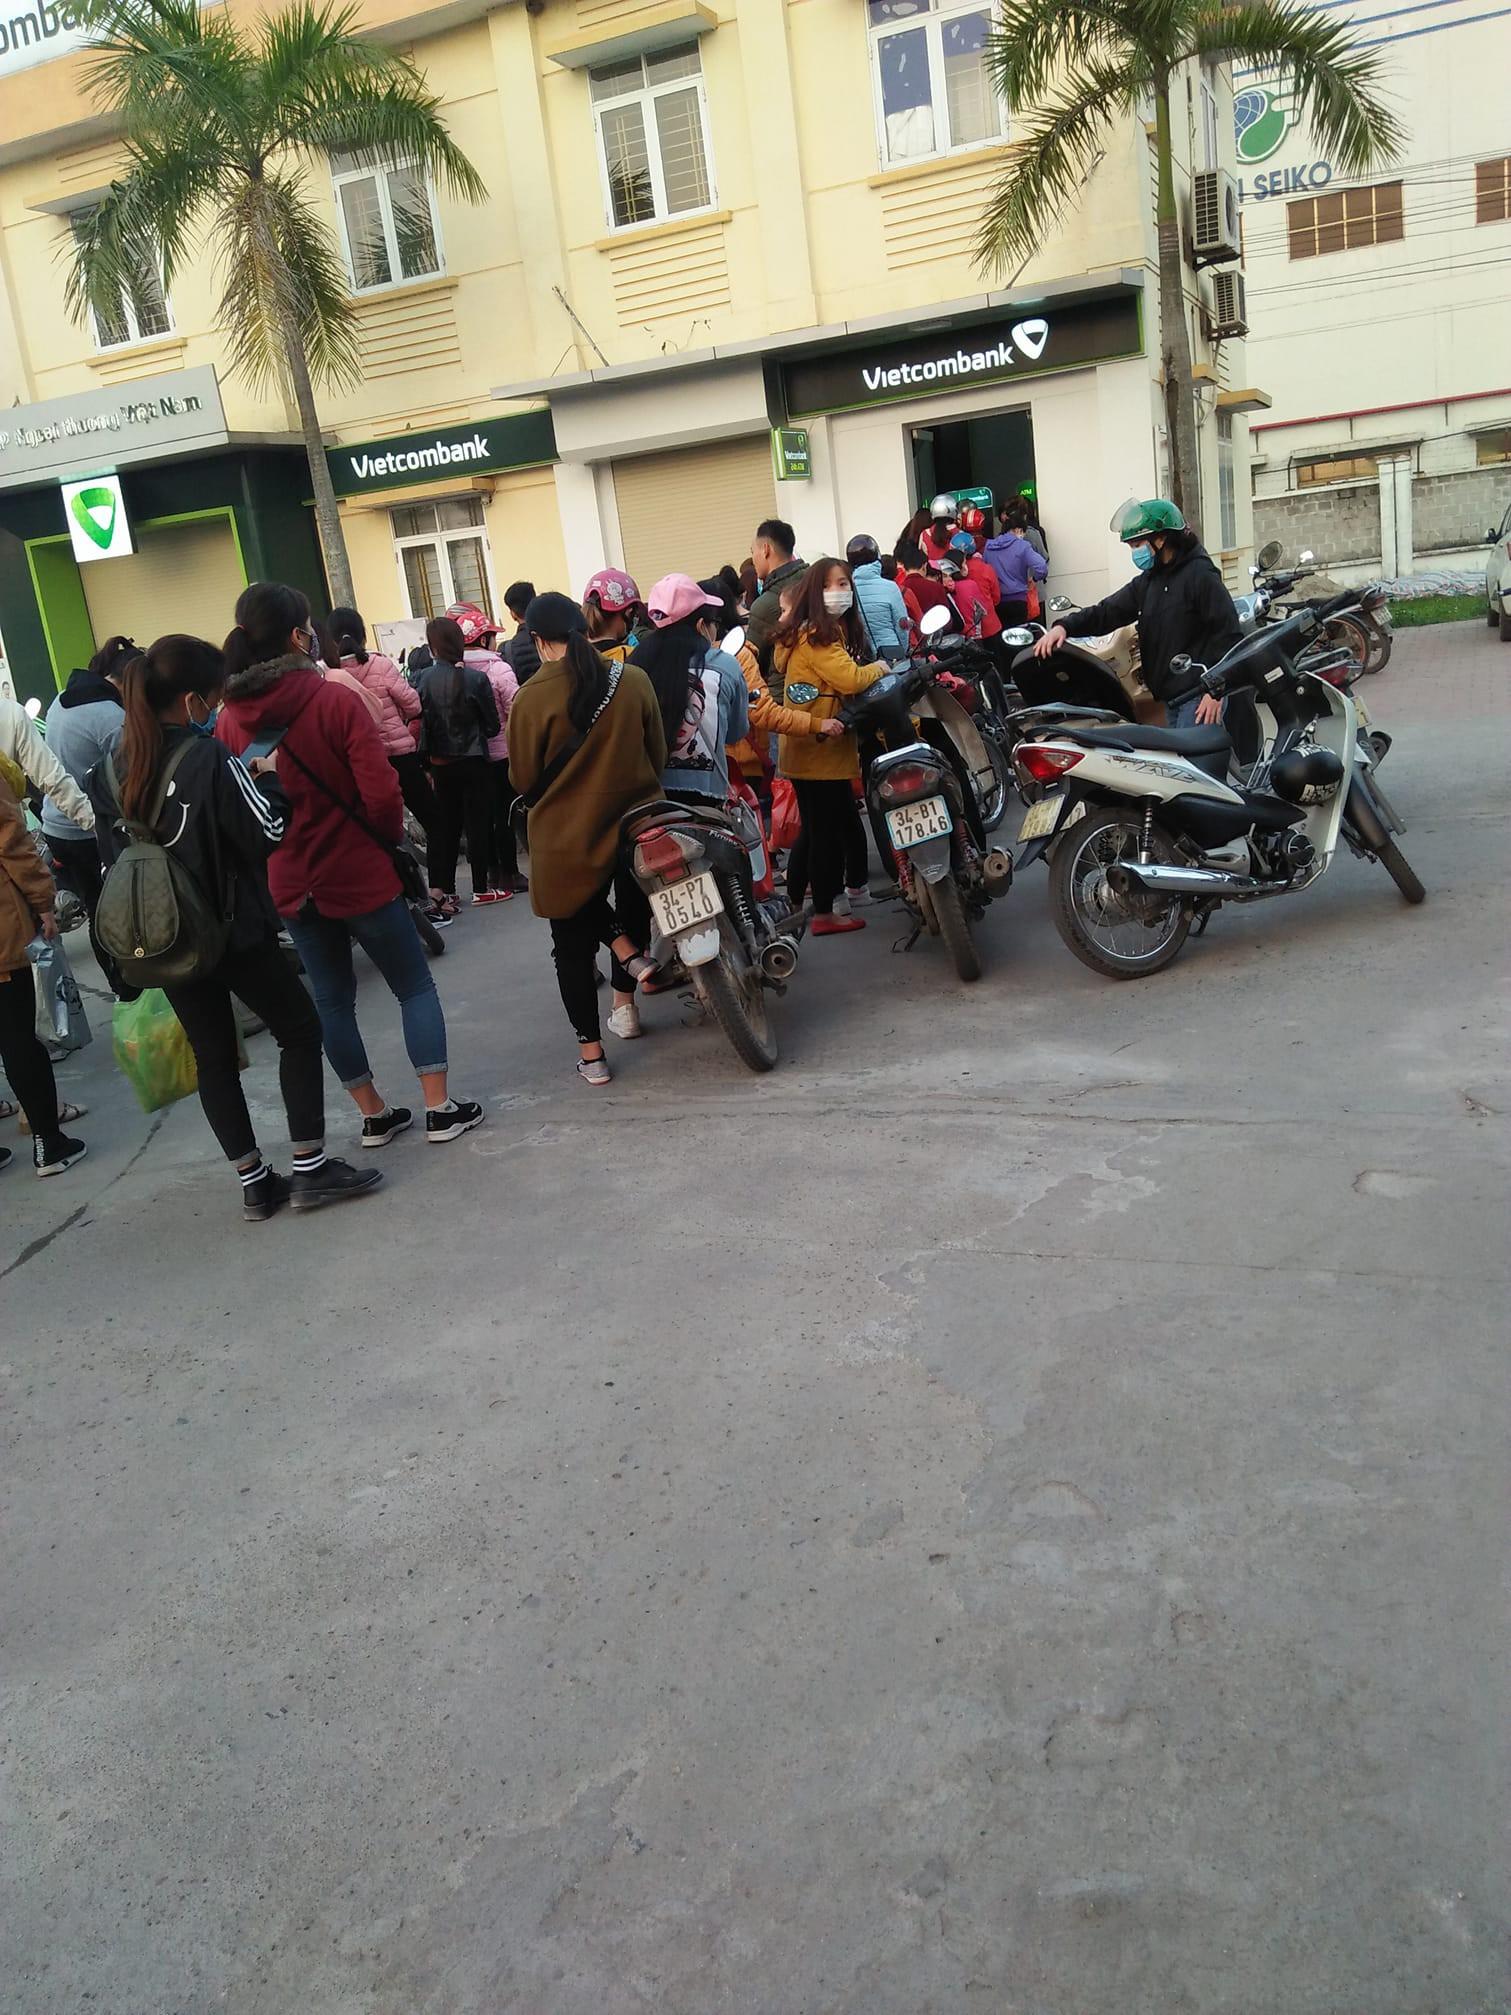 Khổ như đi rút tiền ngày Tết: Chạy xe vài km tìm cây ATM, mang theo cả ghế nhựa ngồi xếp hàng chờ đến lượt 1